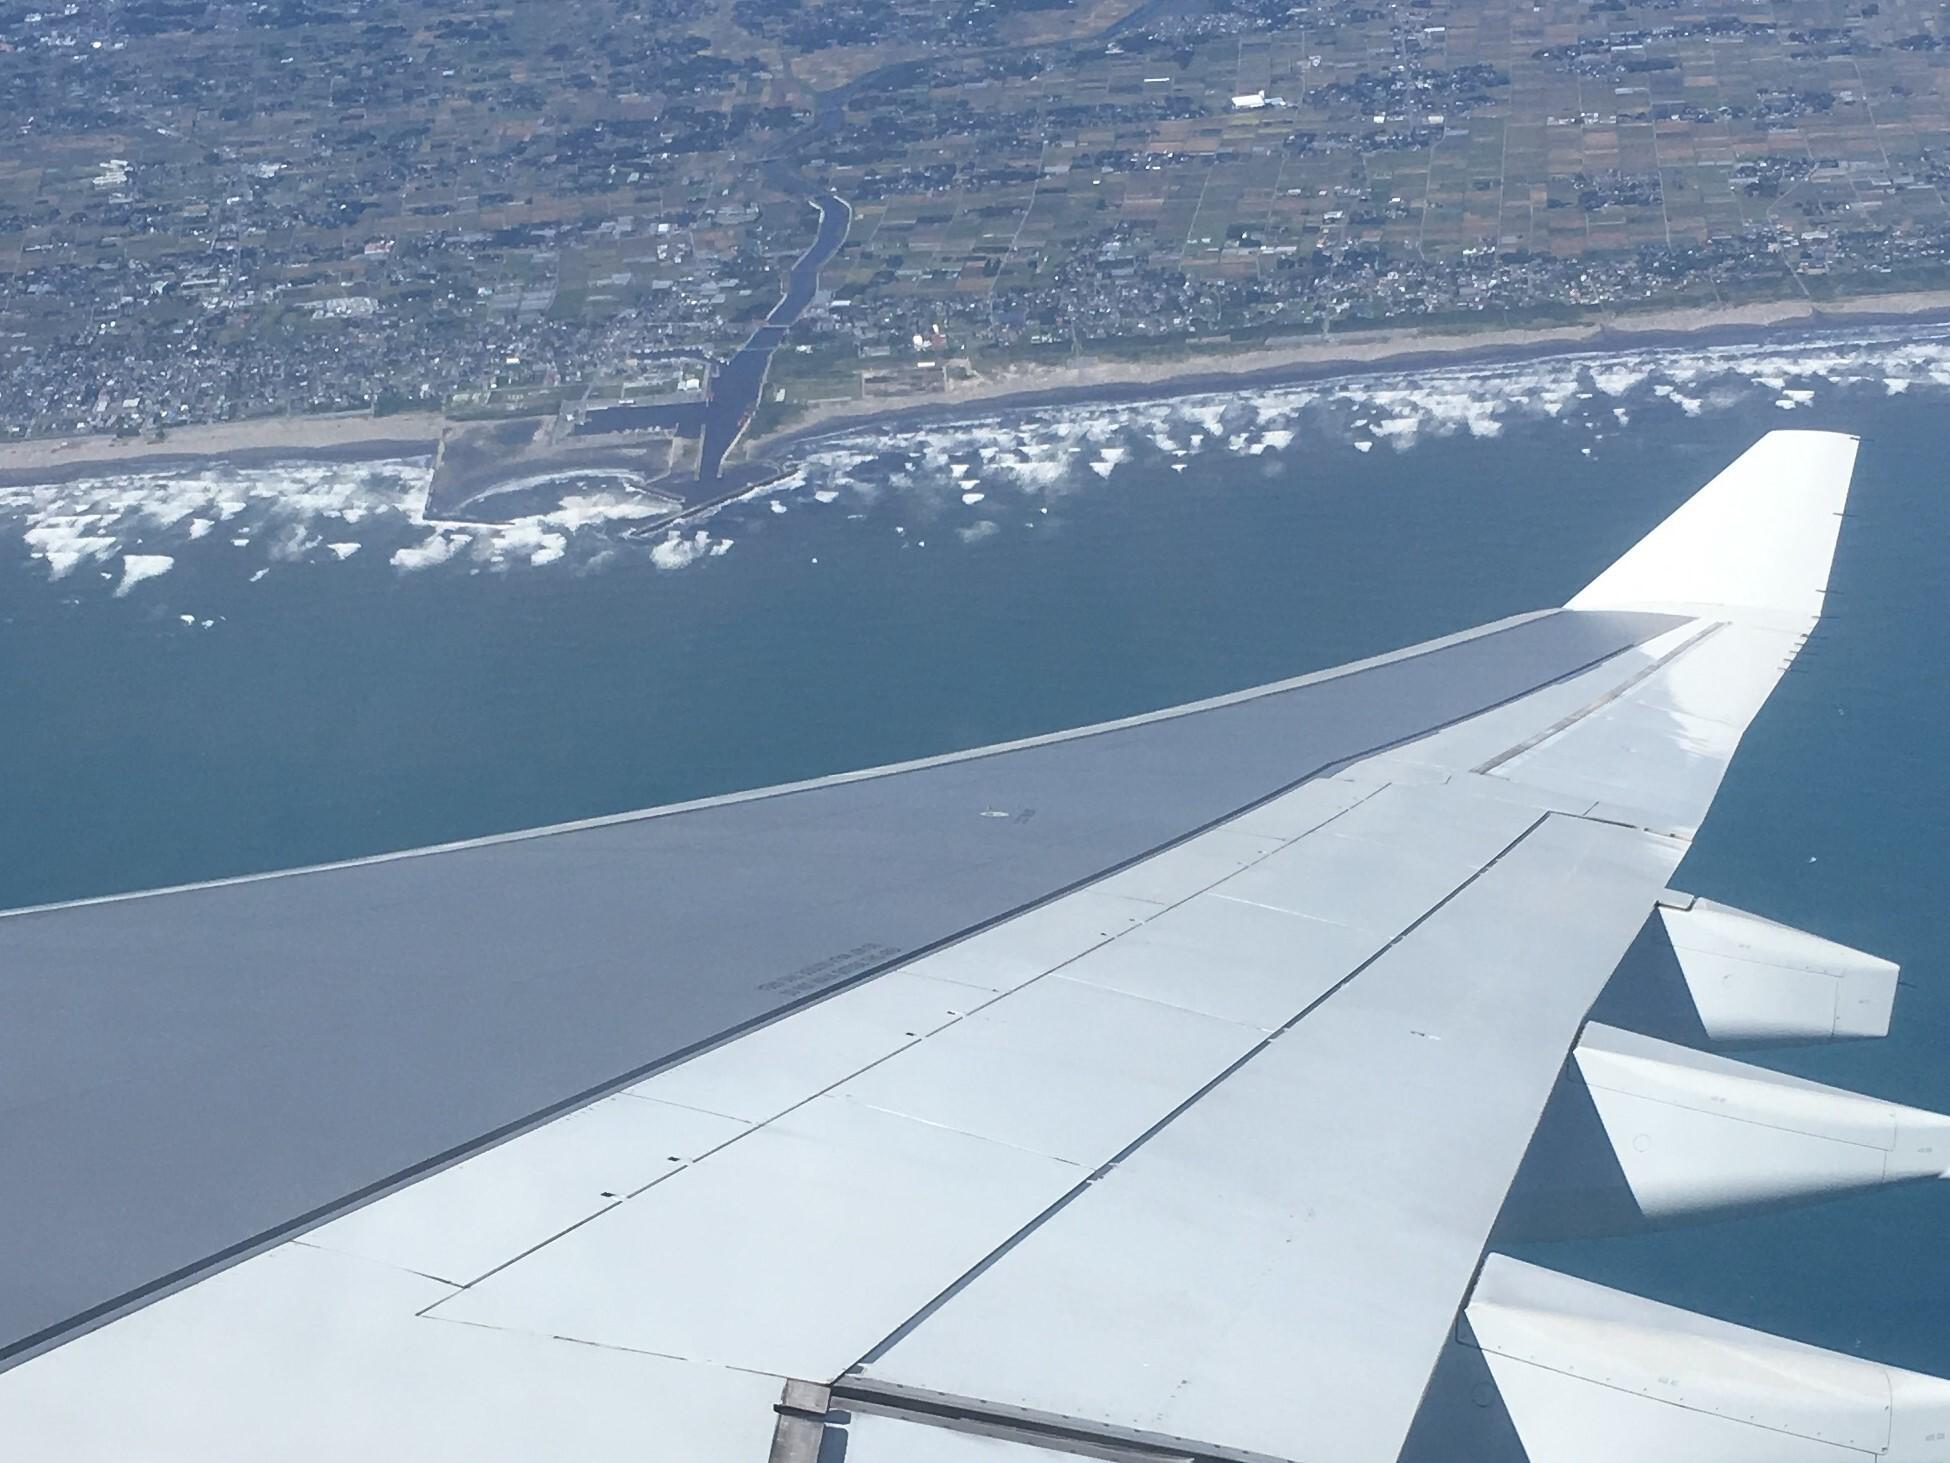 成田空港に着陸態勢に入る飛行機からの景色